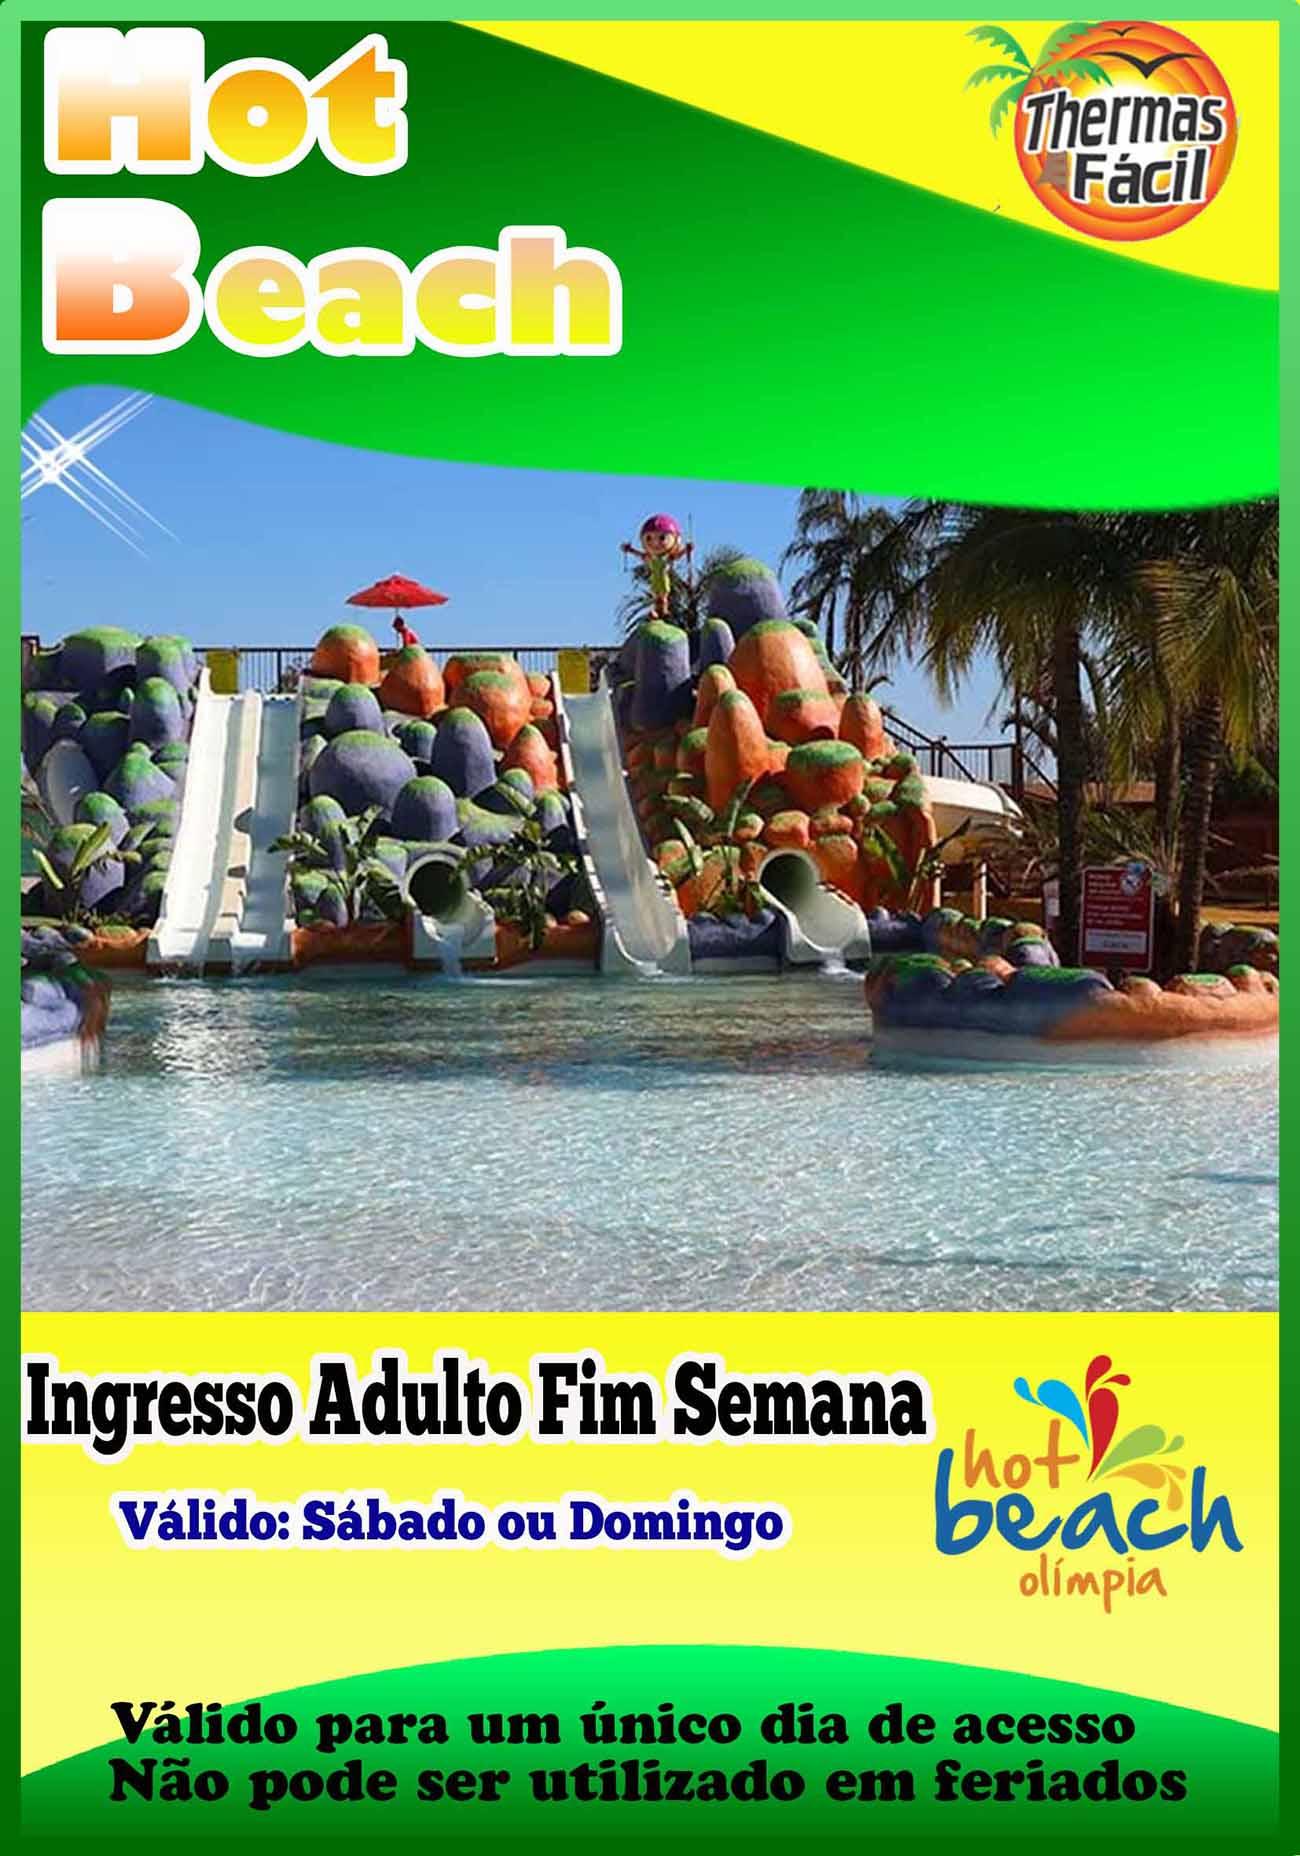 Ingresso Adulto - Fim de Semana - Hot Beach  - Thermas Fácil